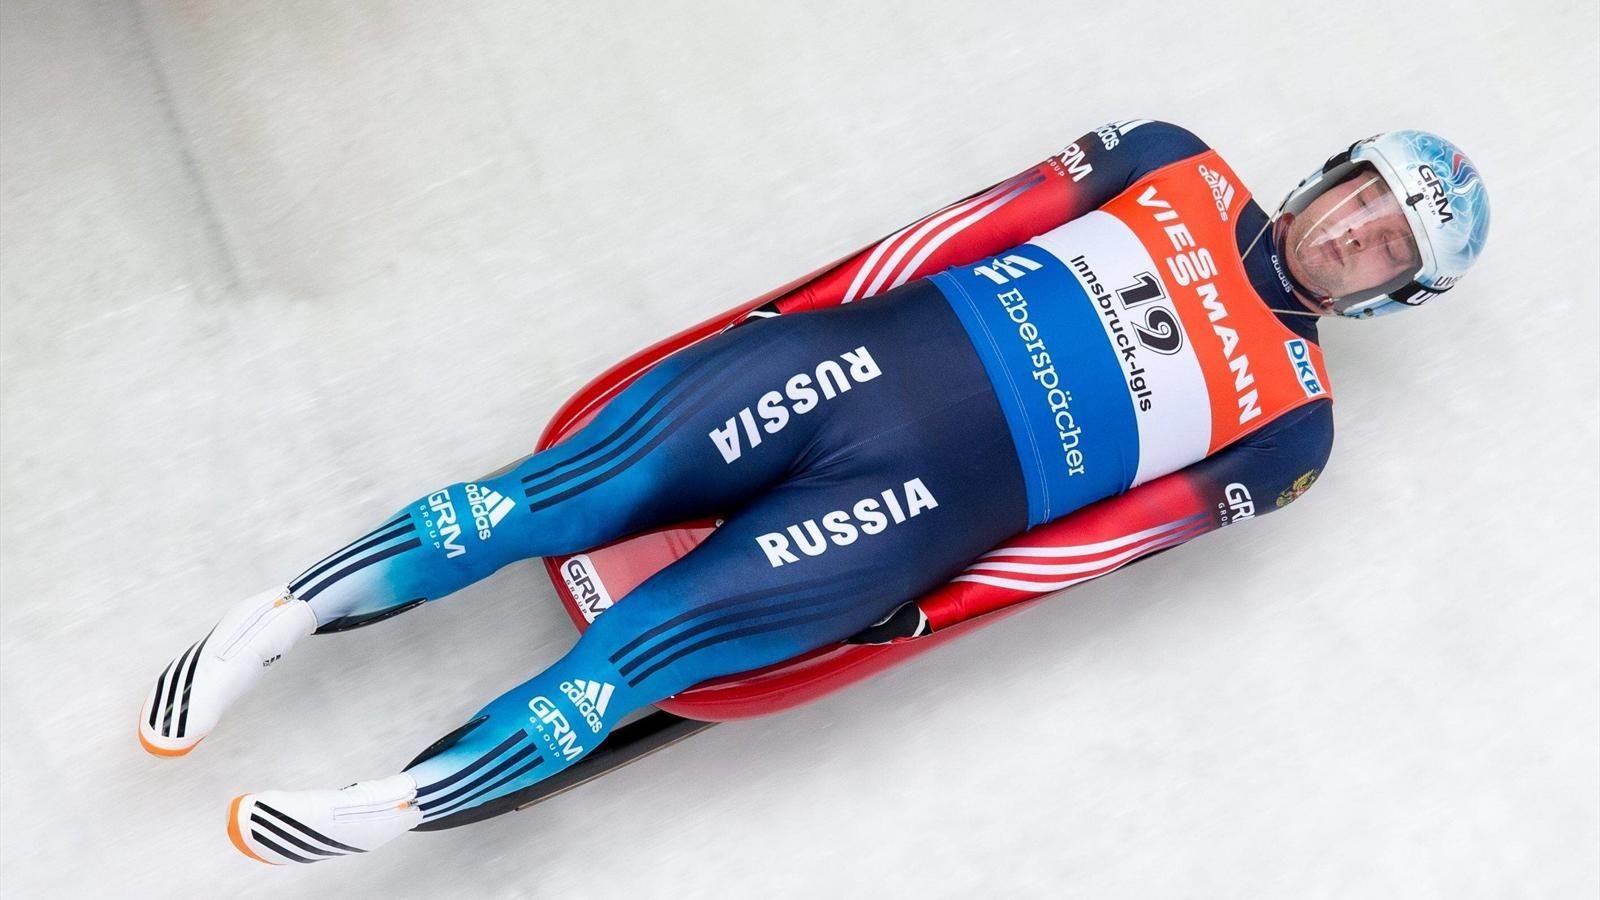 Гарт: Саночник Репилов набрал стабильность ивходит вчисло лидеров сборной Российской Федерации